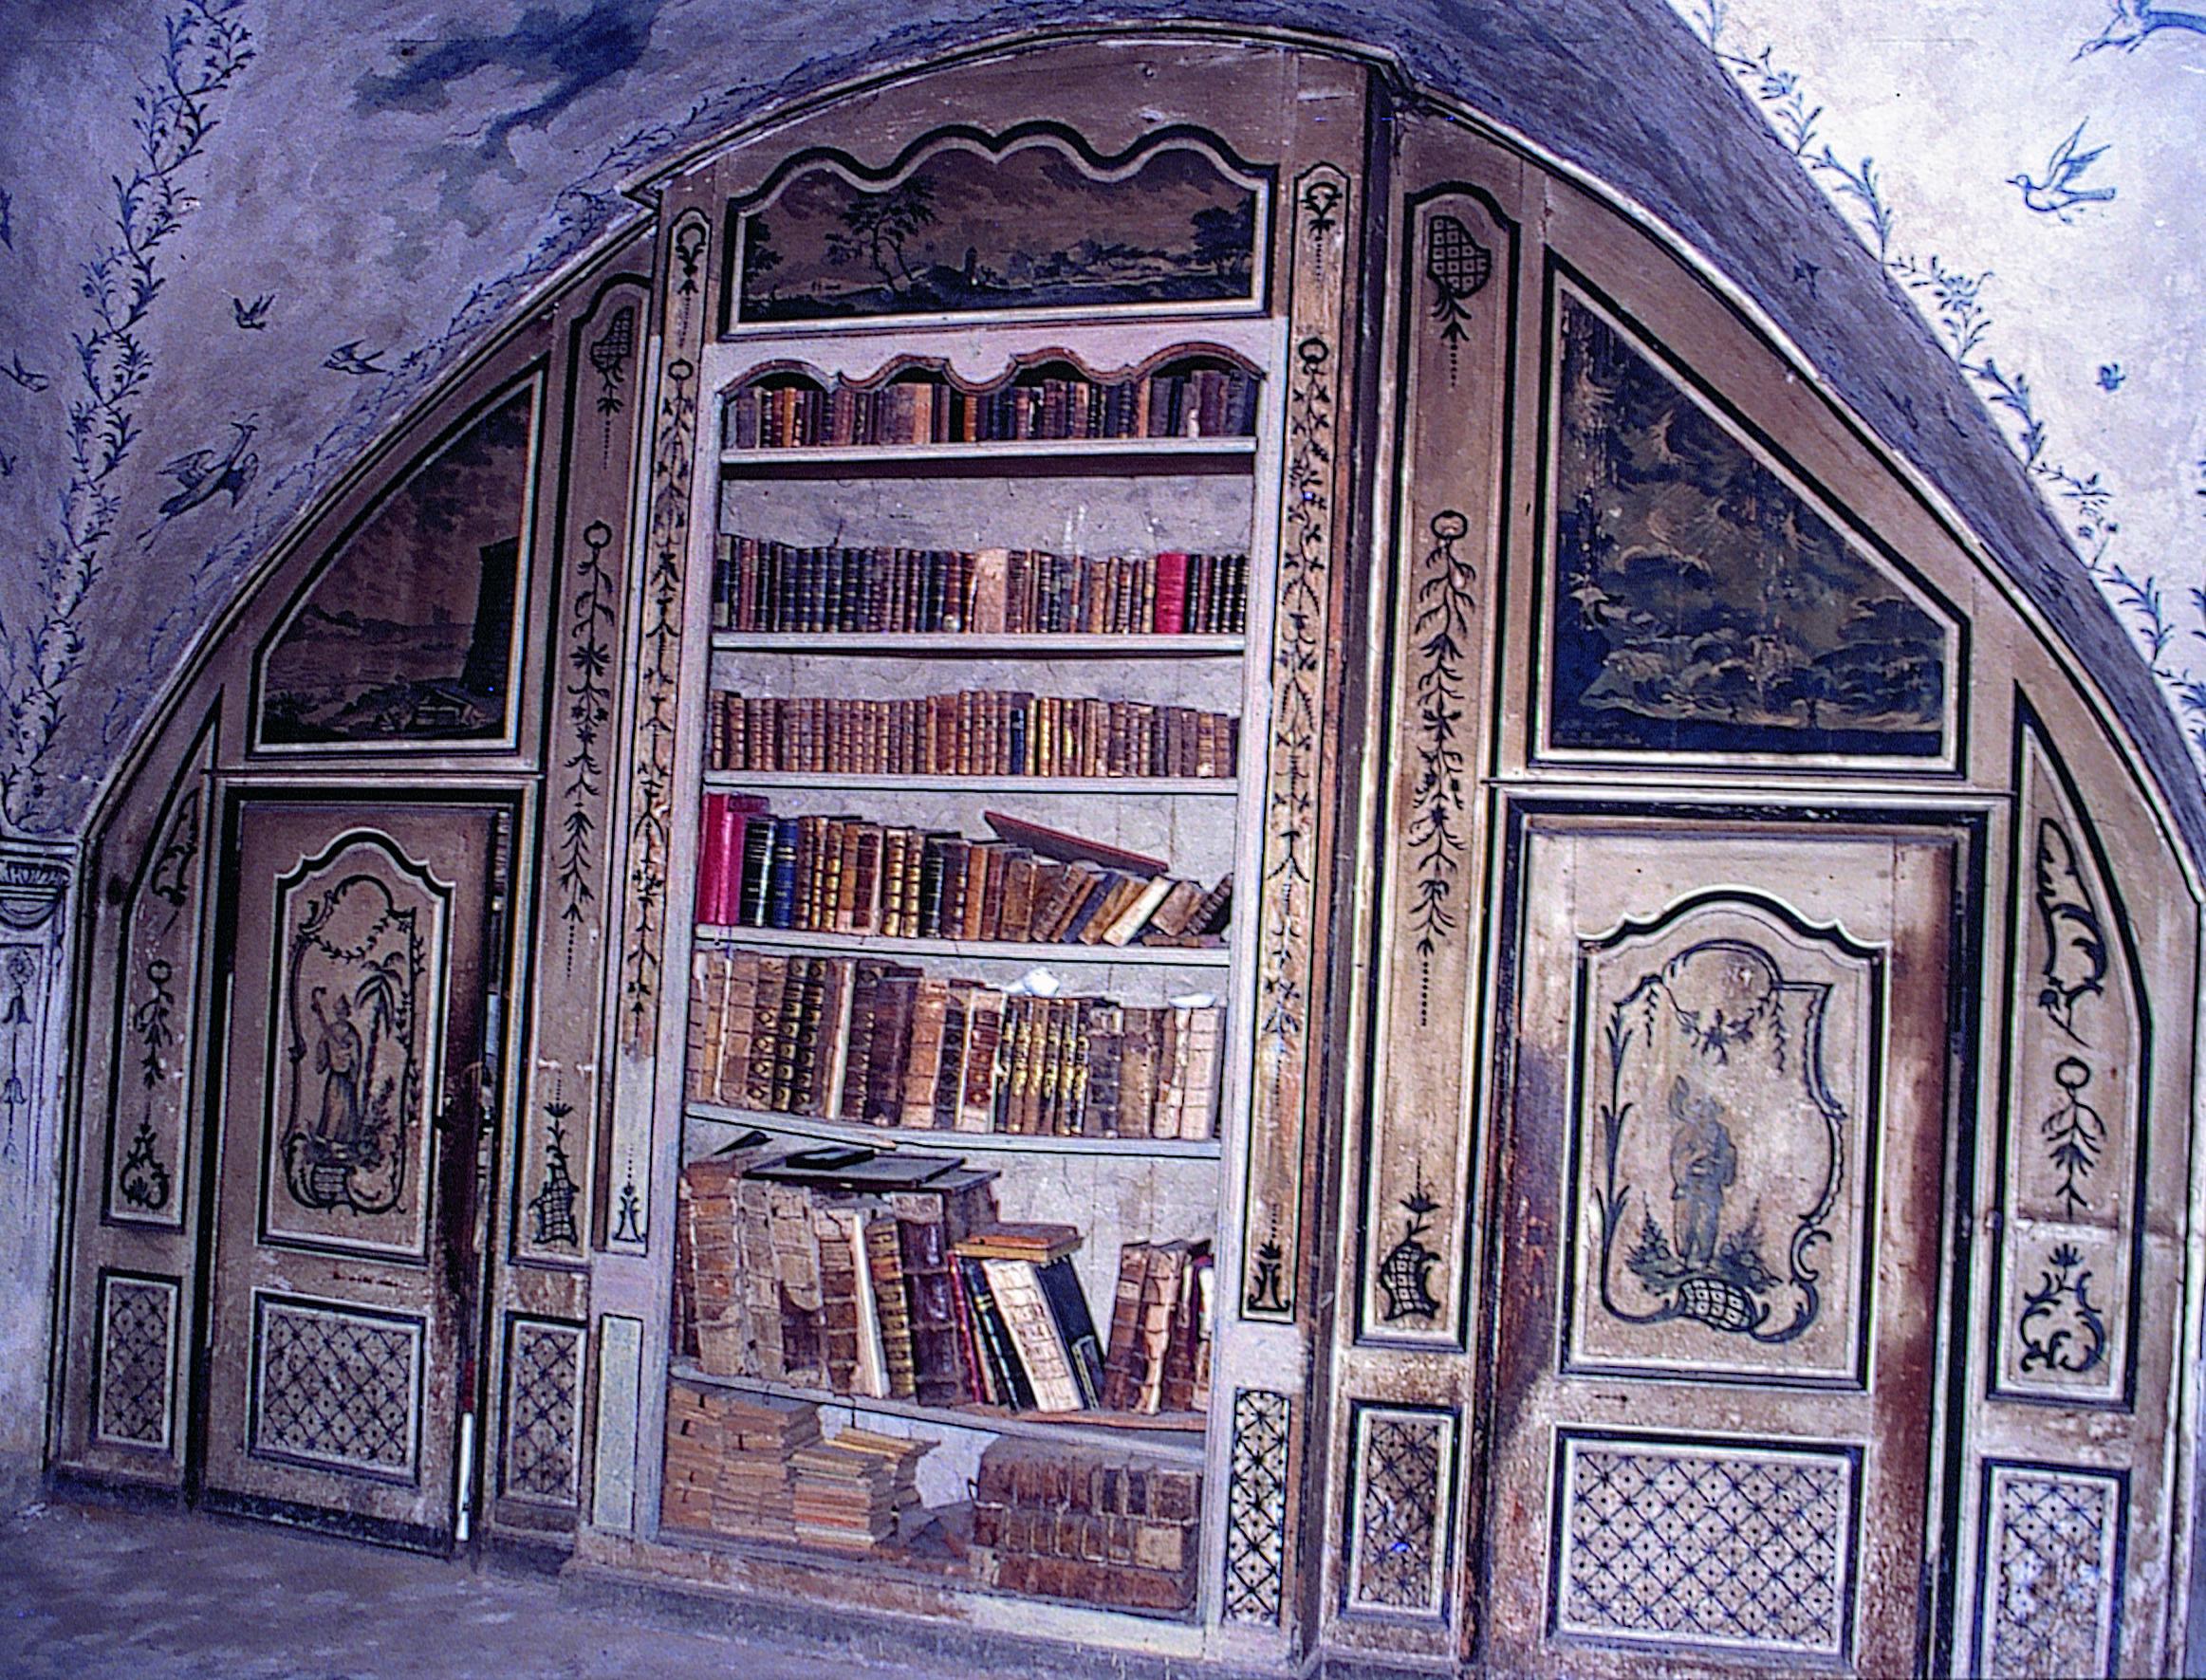 Restauration du décor peint du saln chinois du presbytère (Montlaur-en-Diois, Drôme)